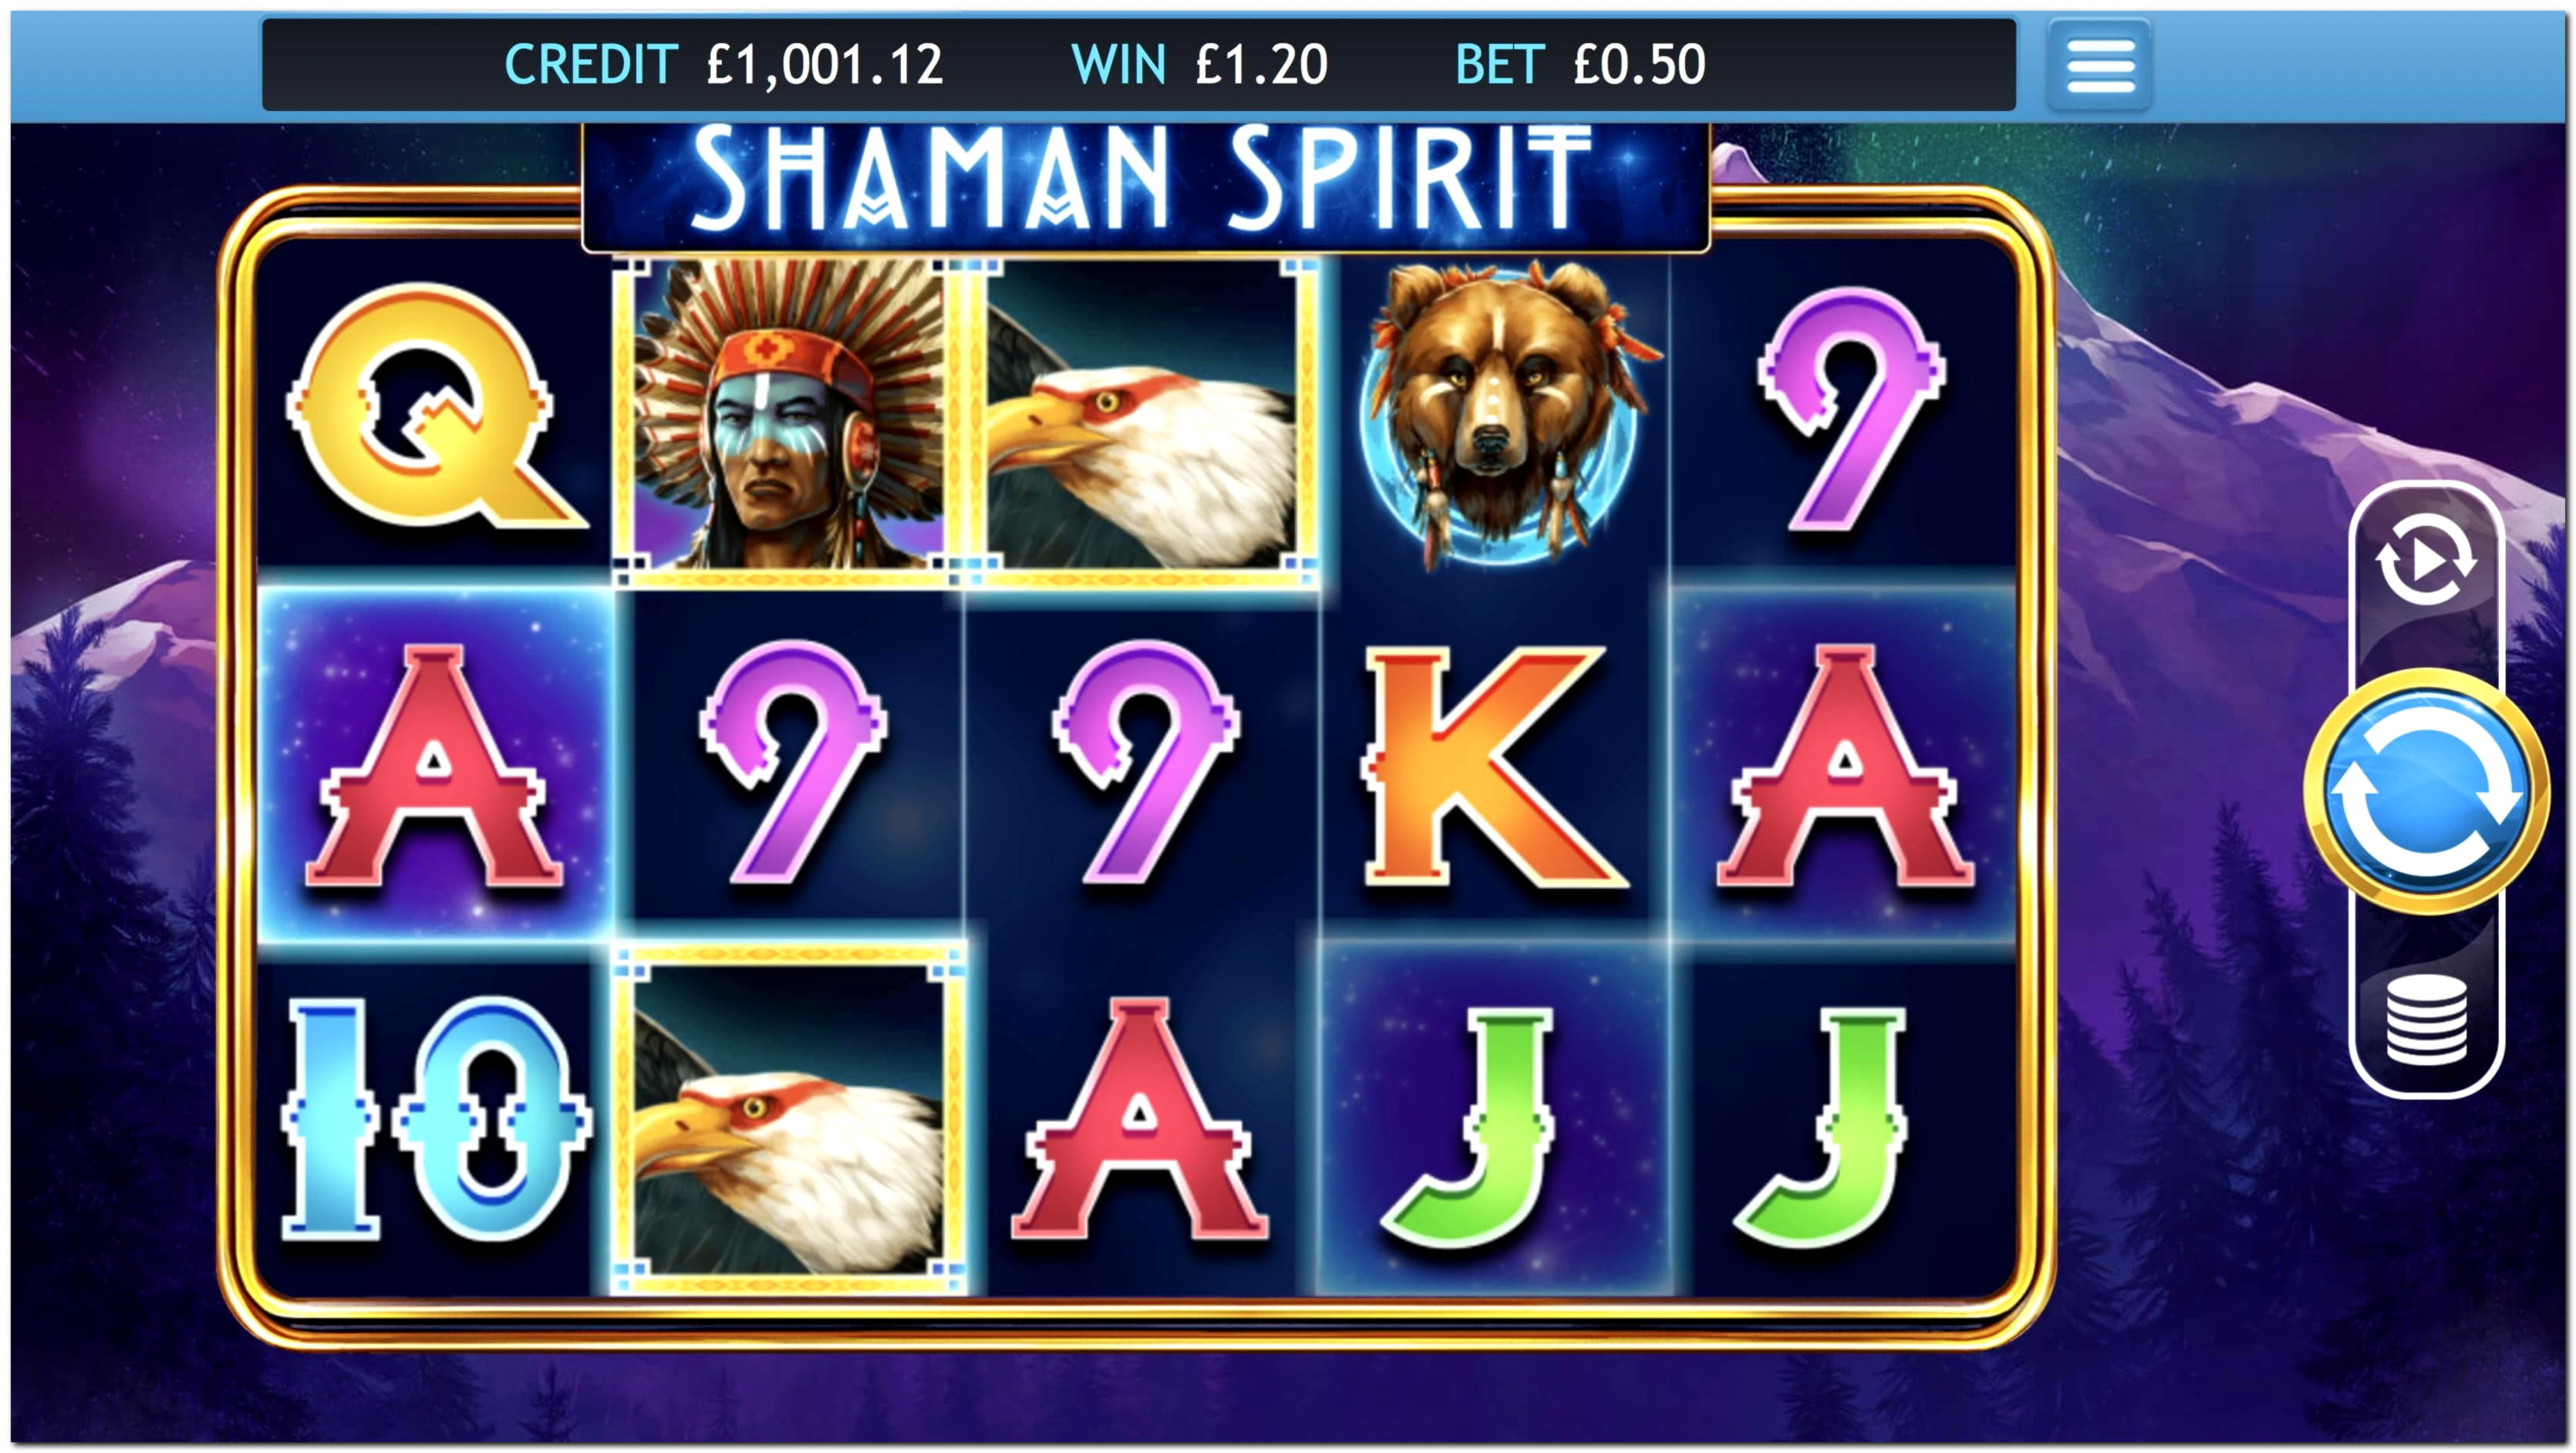 Bezmaksas 505 kazino kazino Kaboo kazino